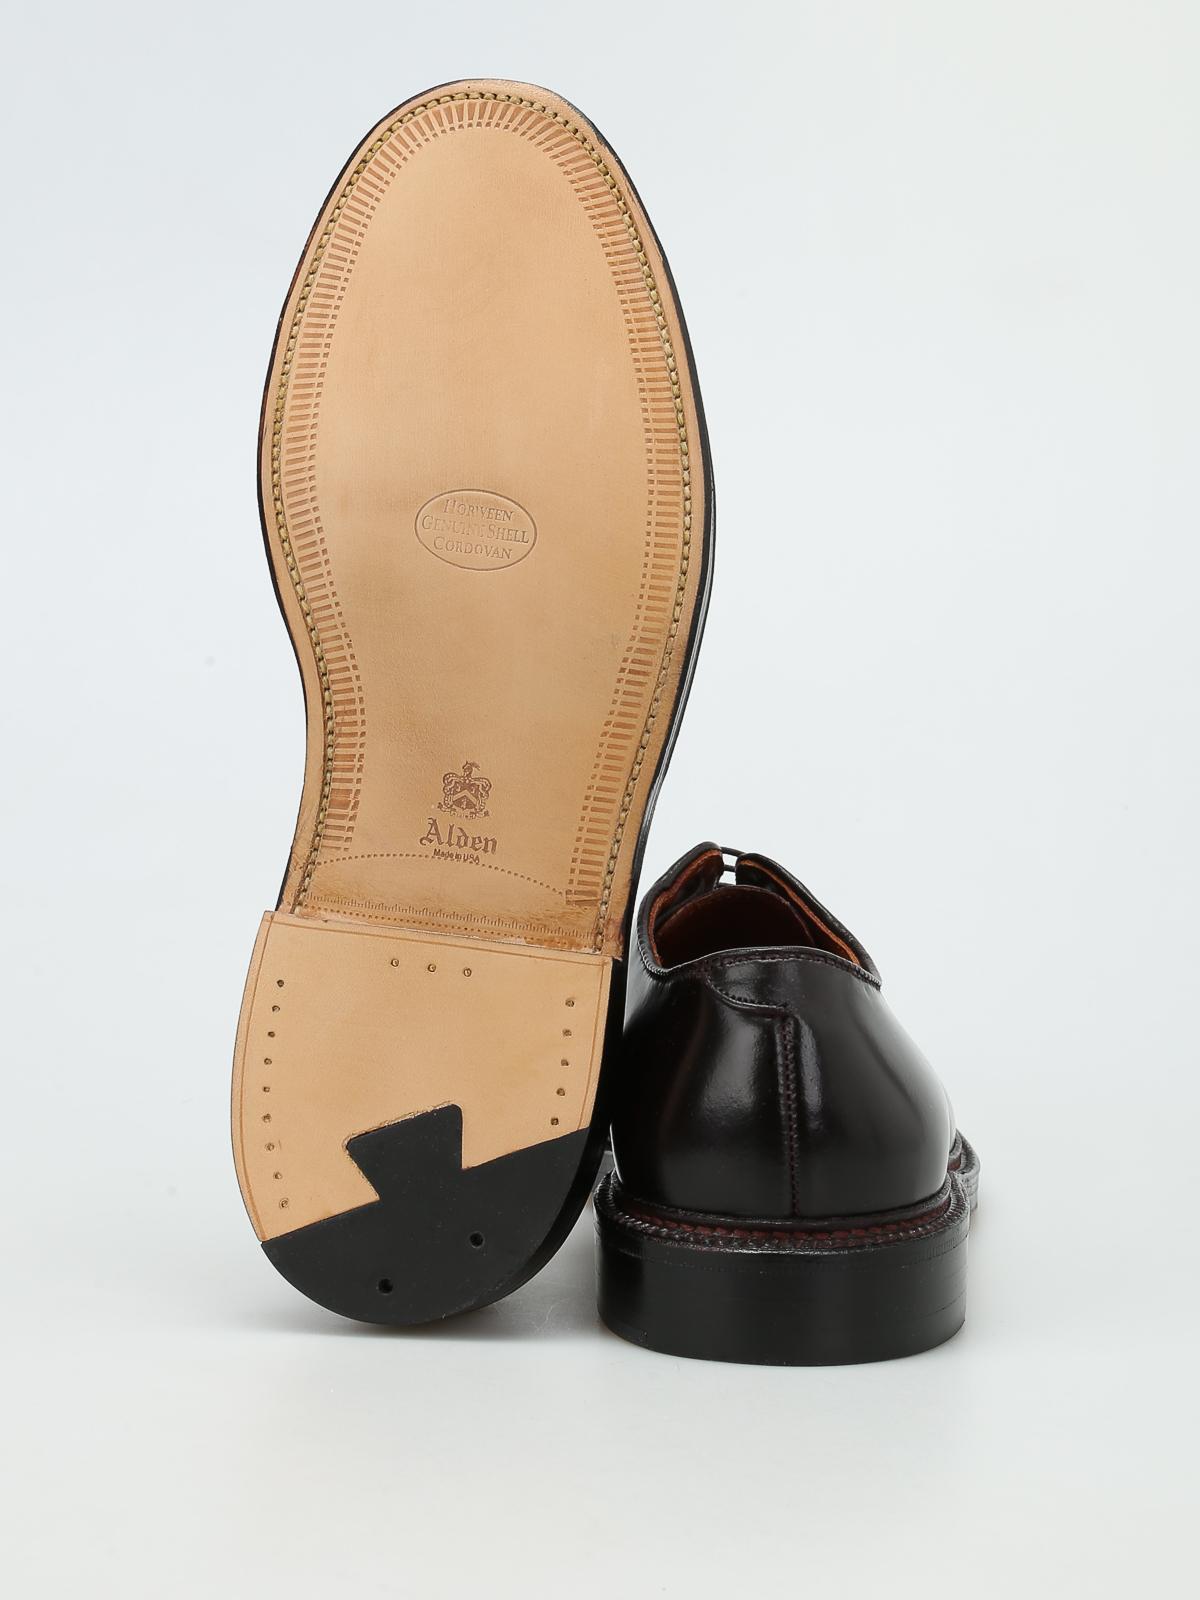 Classiques Chaussures Cordovan Homme Pour 990 Alden N0mw8vn